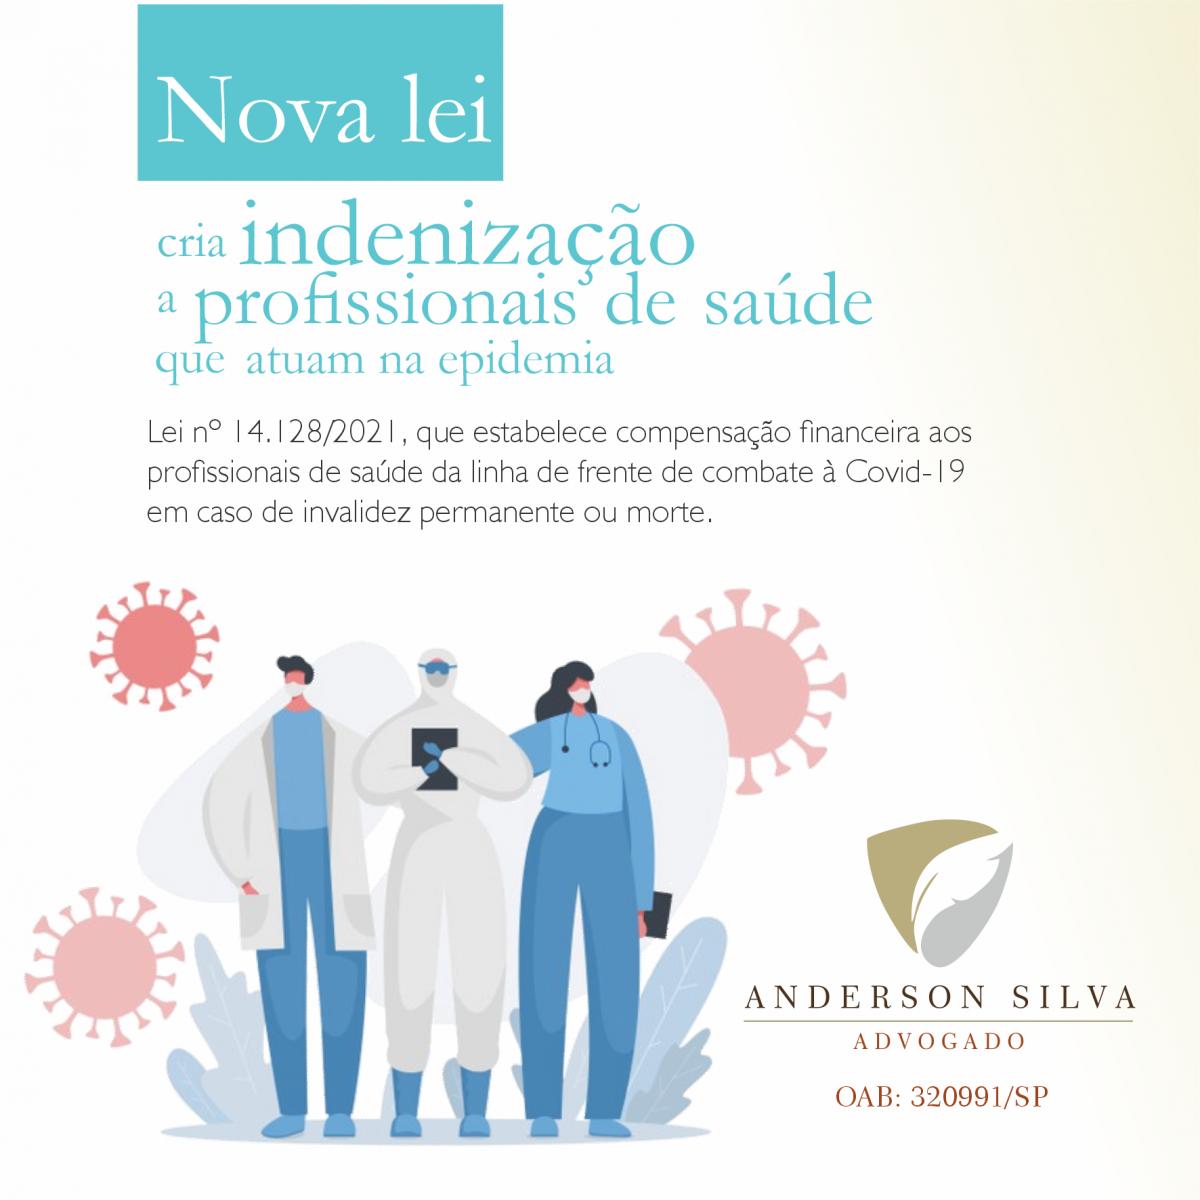 Nova lei cria indenização a profissionais de saúde que atuam na epidemia